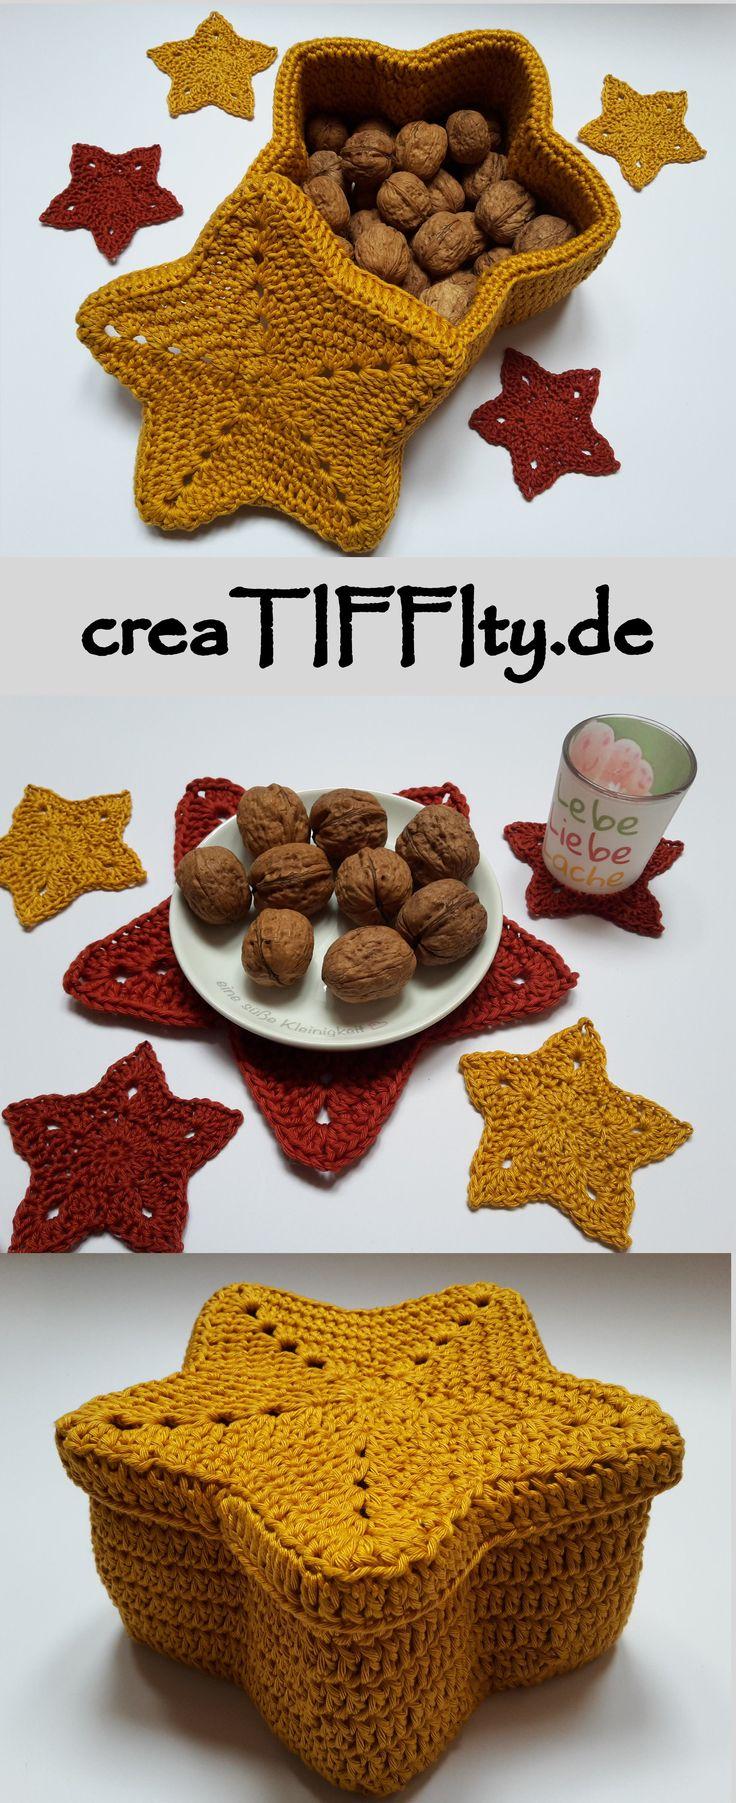 76 best Häkeln mit creaTIFFIty images on Pinterest | Häkeln crochet ...